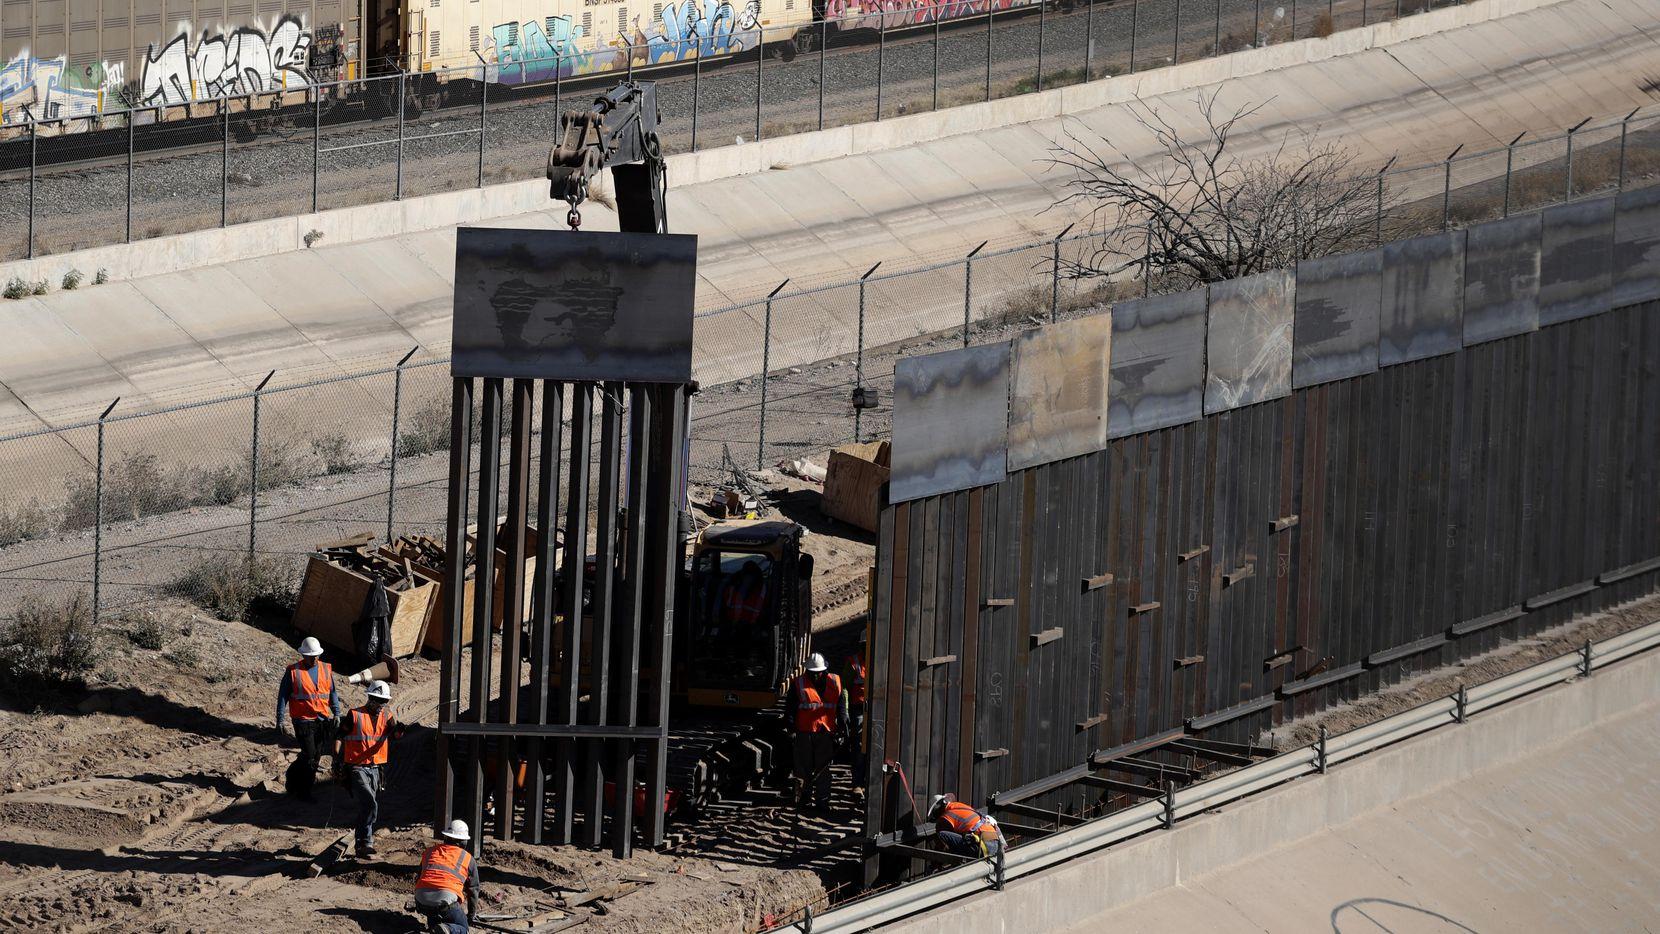 Una segmento de una malla metálica se construye en la frontera entre El Paso, Texas y Ciudad Juárez, Chihuahua. (AP/Eric Gay)